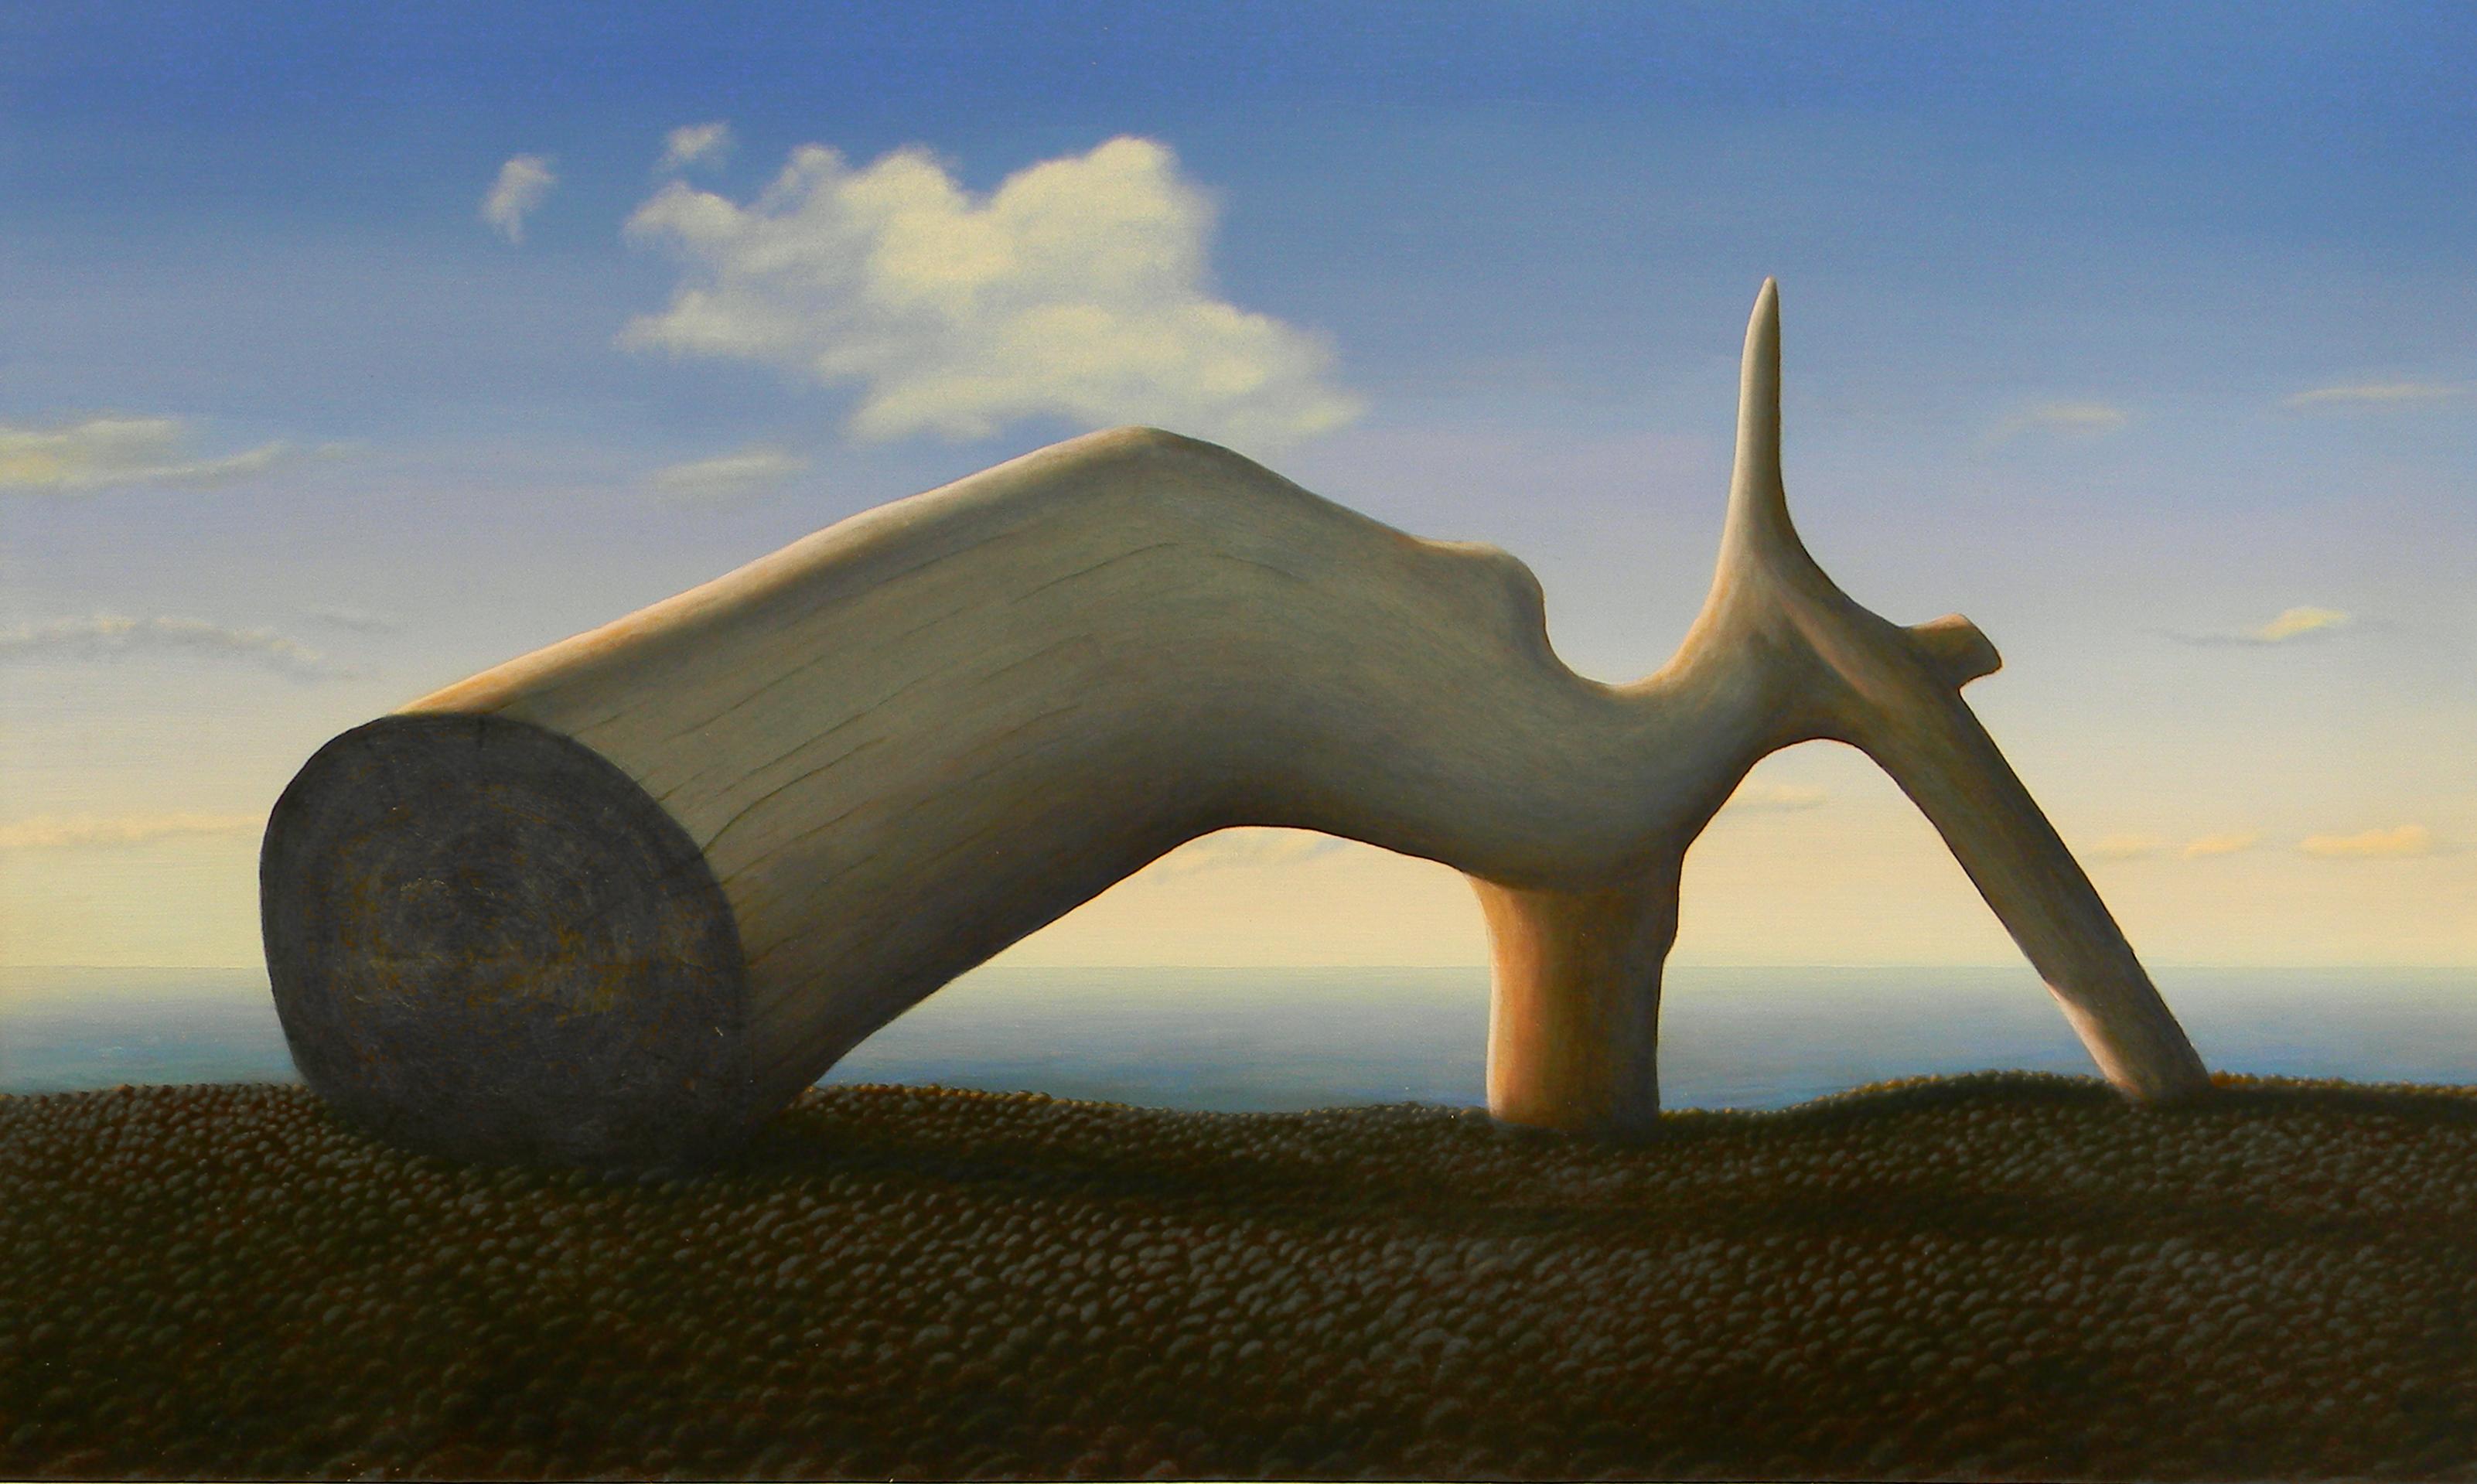 Driftwood Form